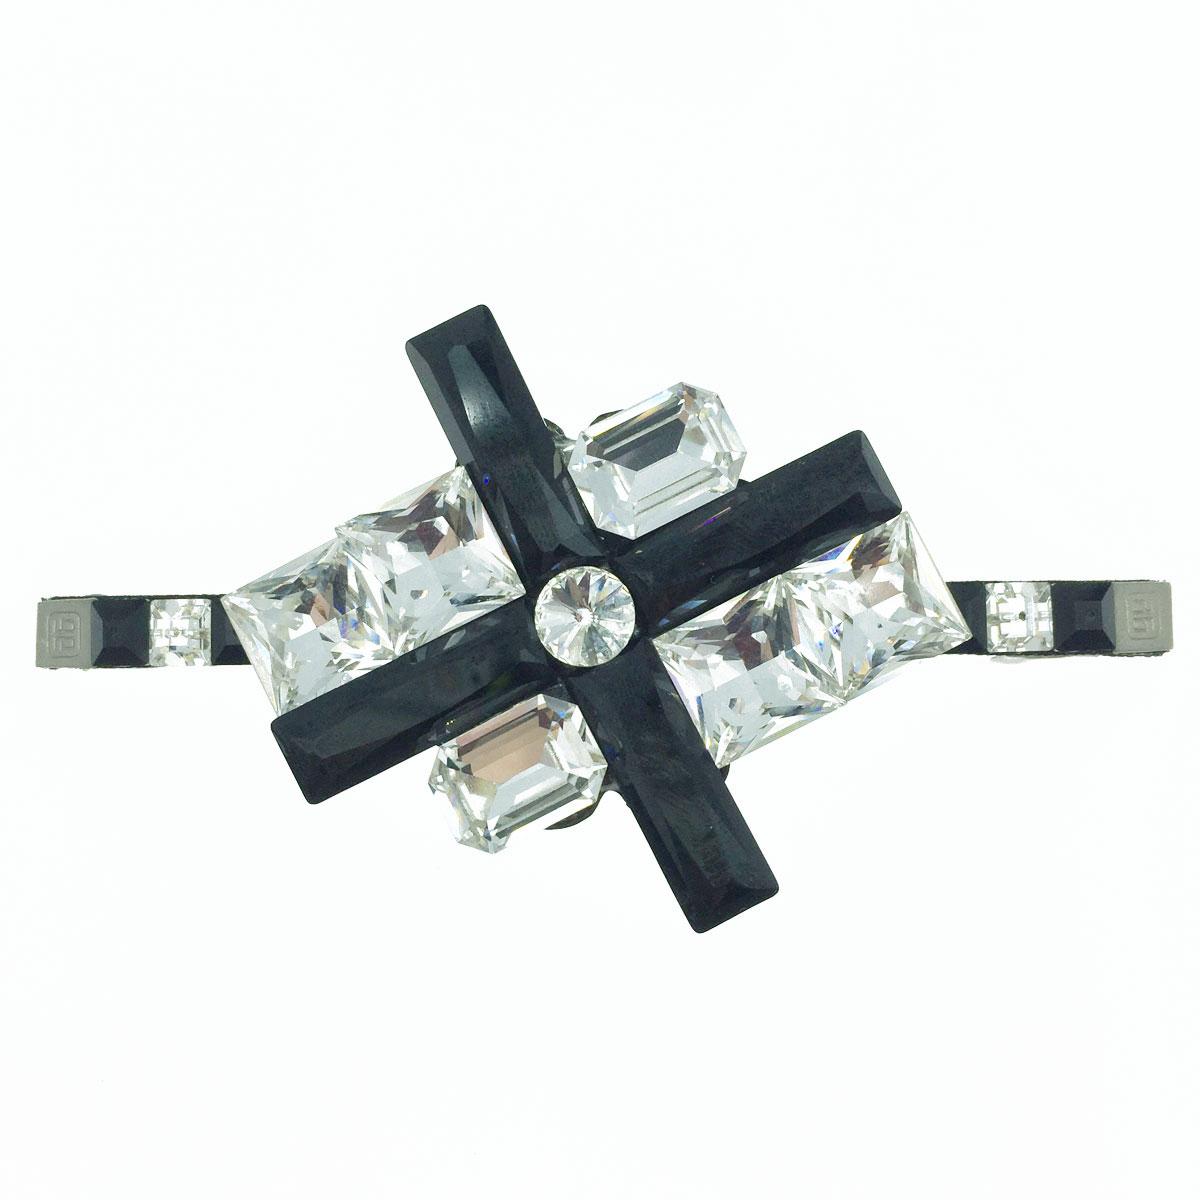 黑叉叉 白水晶 方形邊 黑白配色 髮飾 髮夾 自動夾 採用施華洛世奇水晶元素 Crystals from Swarovski